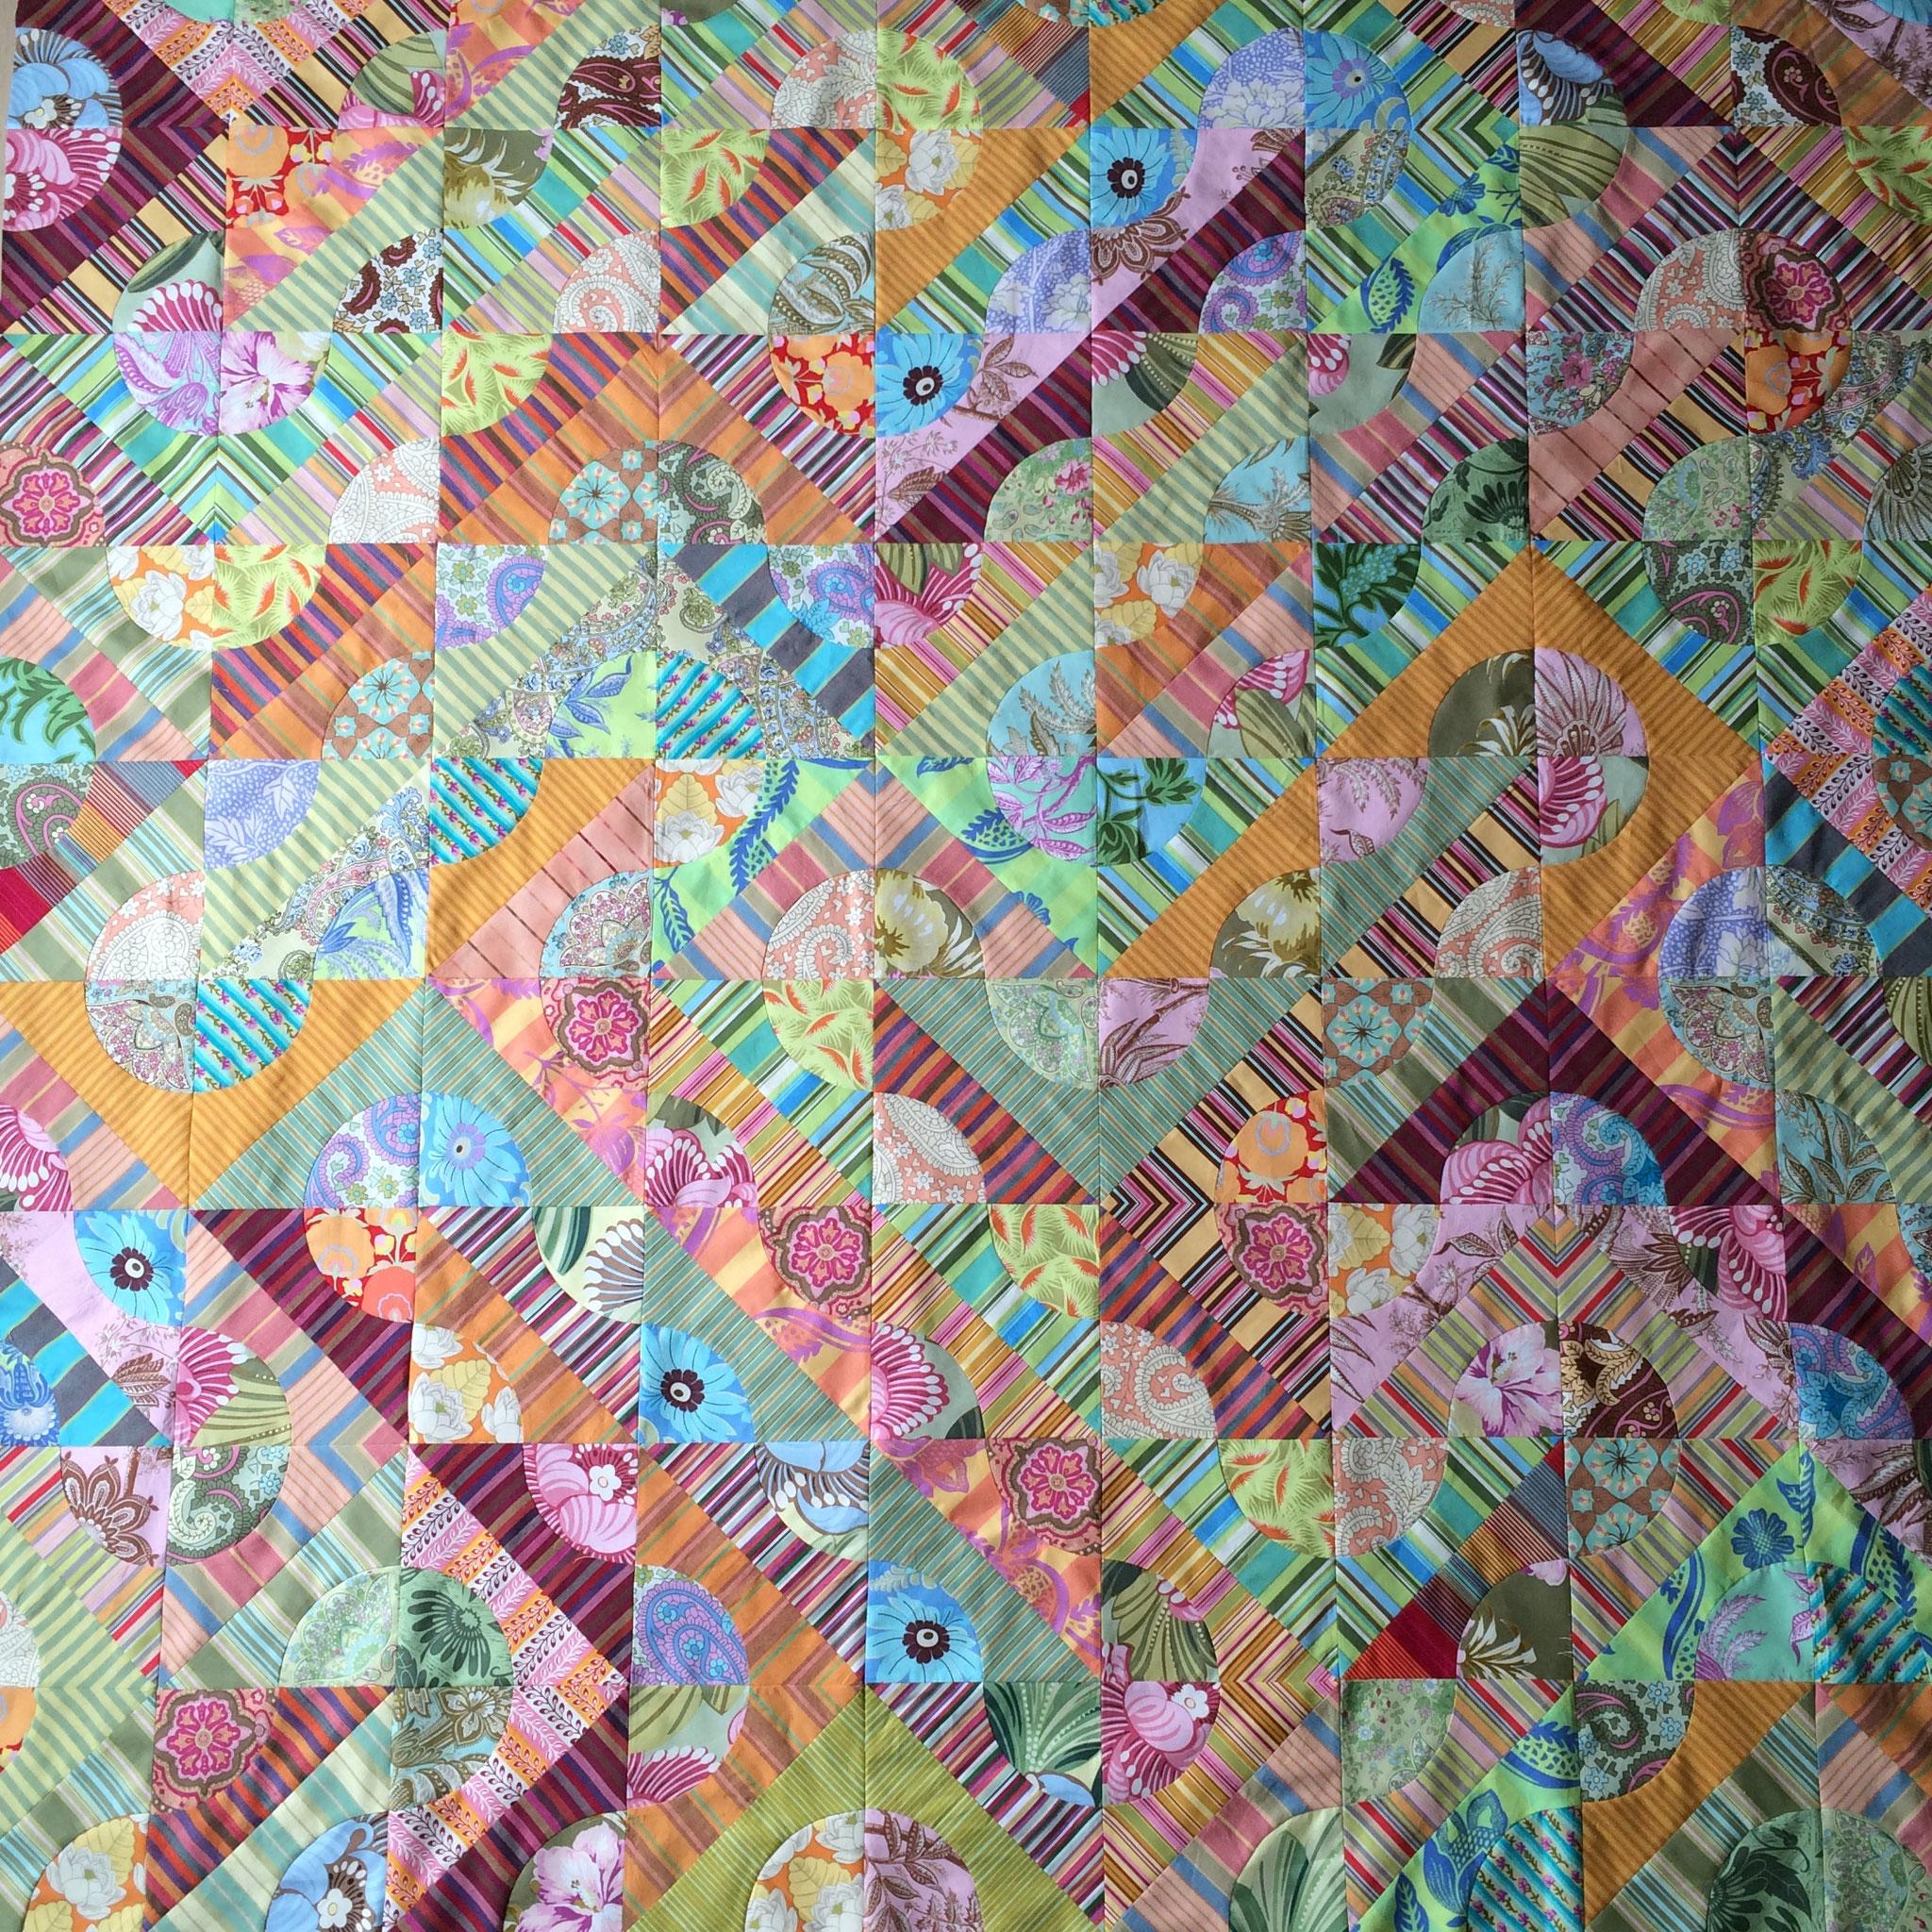 """Quilt réalisé par Béatrice De Nève Pollet - modèle de Mary Mashuta dans son livre """"Confetti Quilts"""" - tissus Amy Butler"""